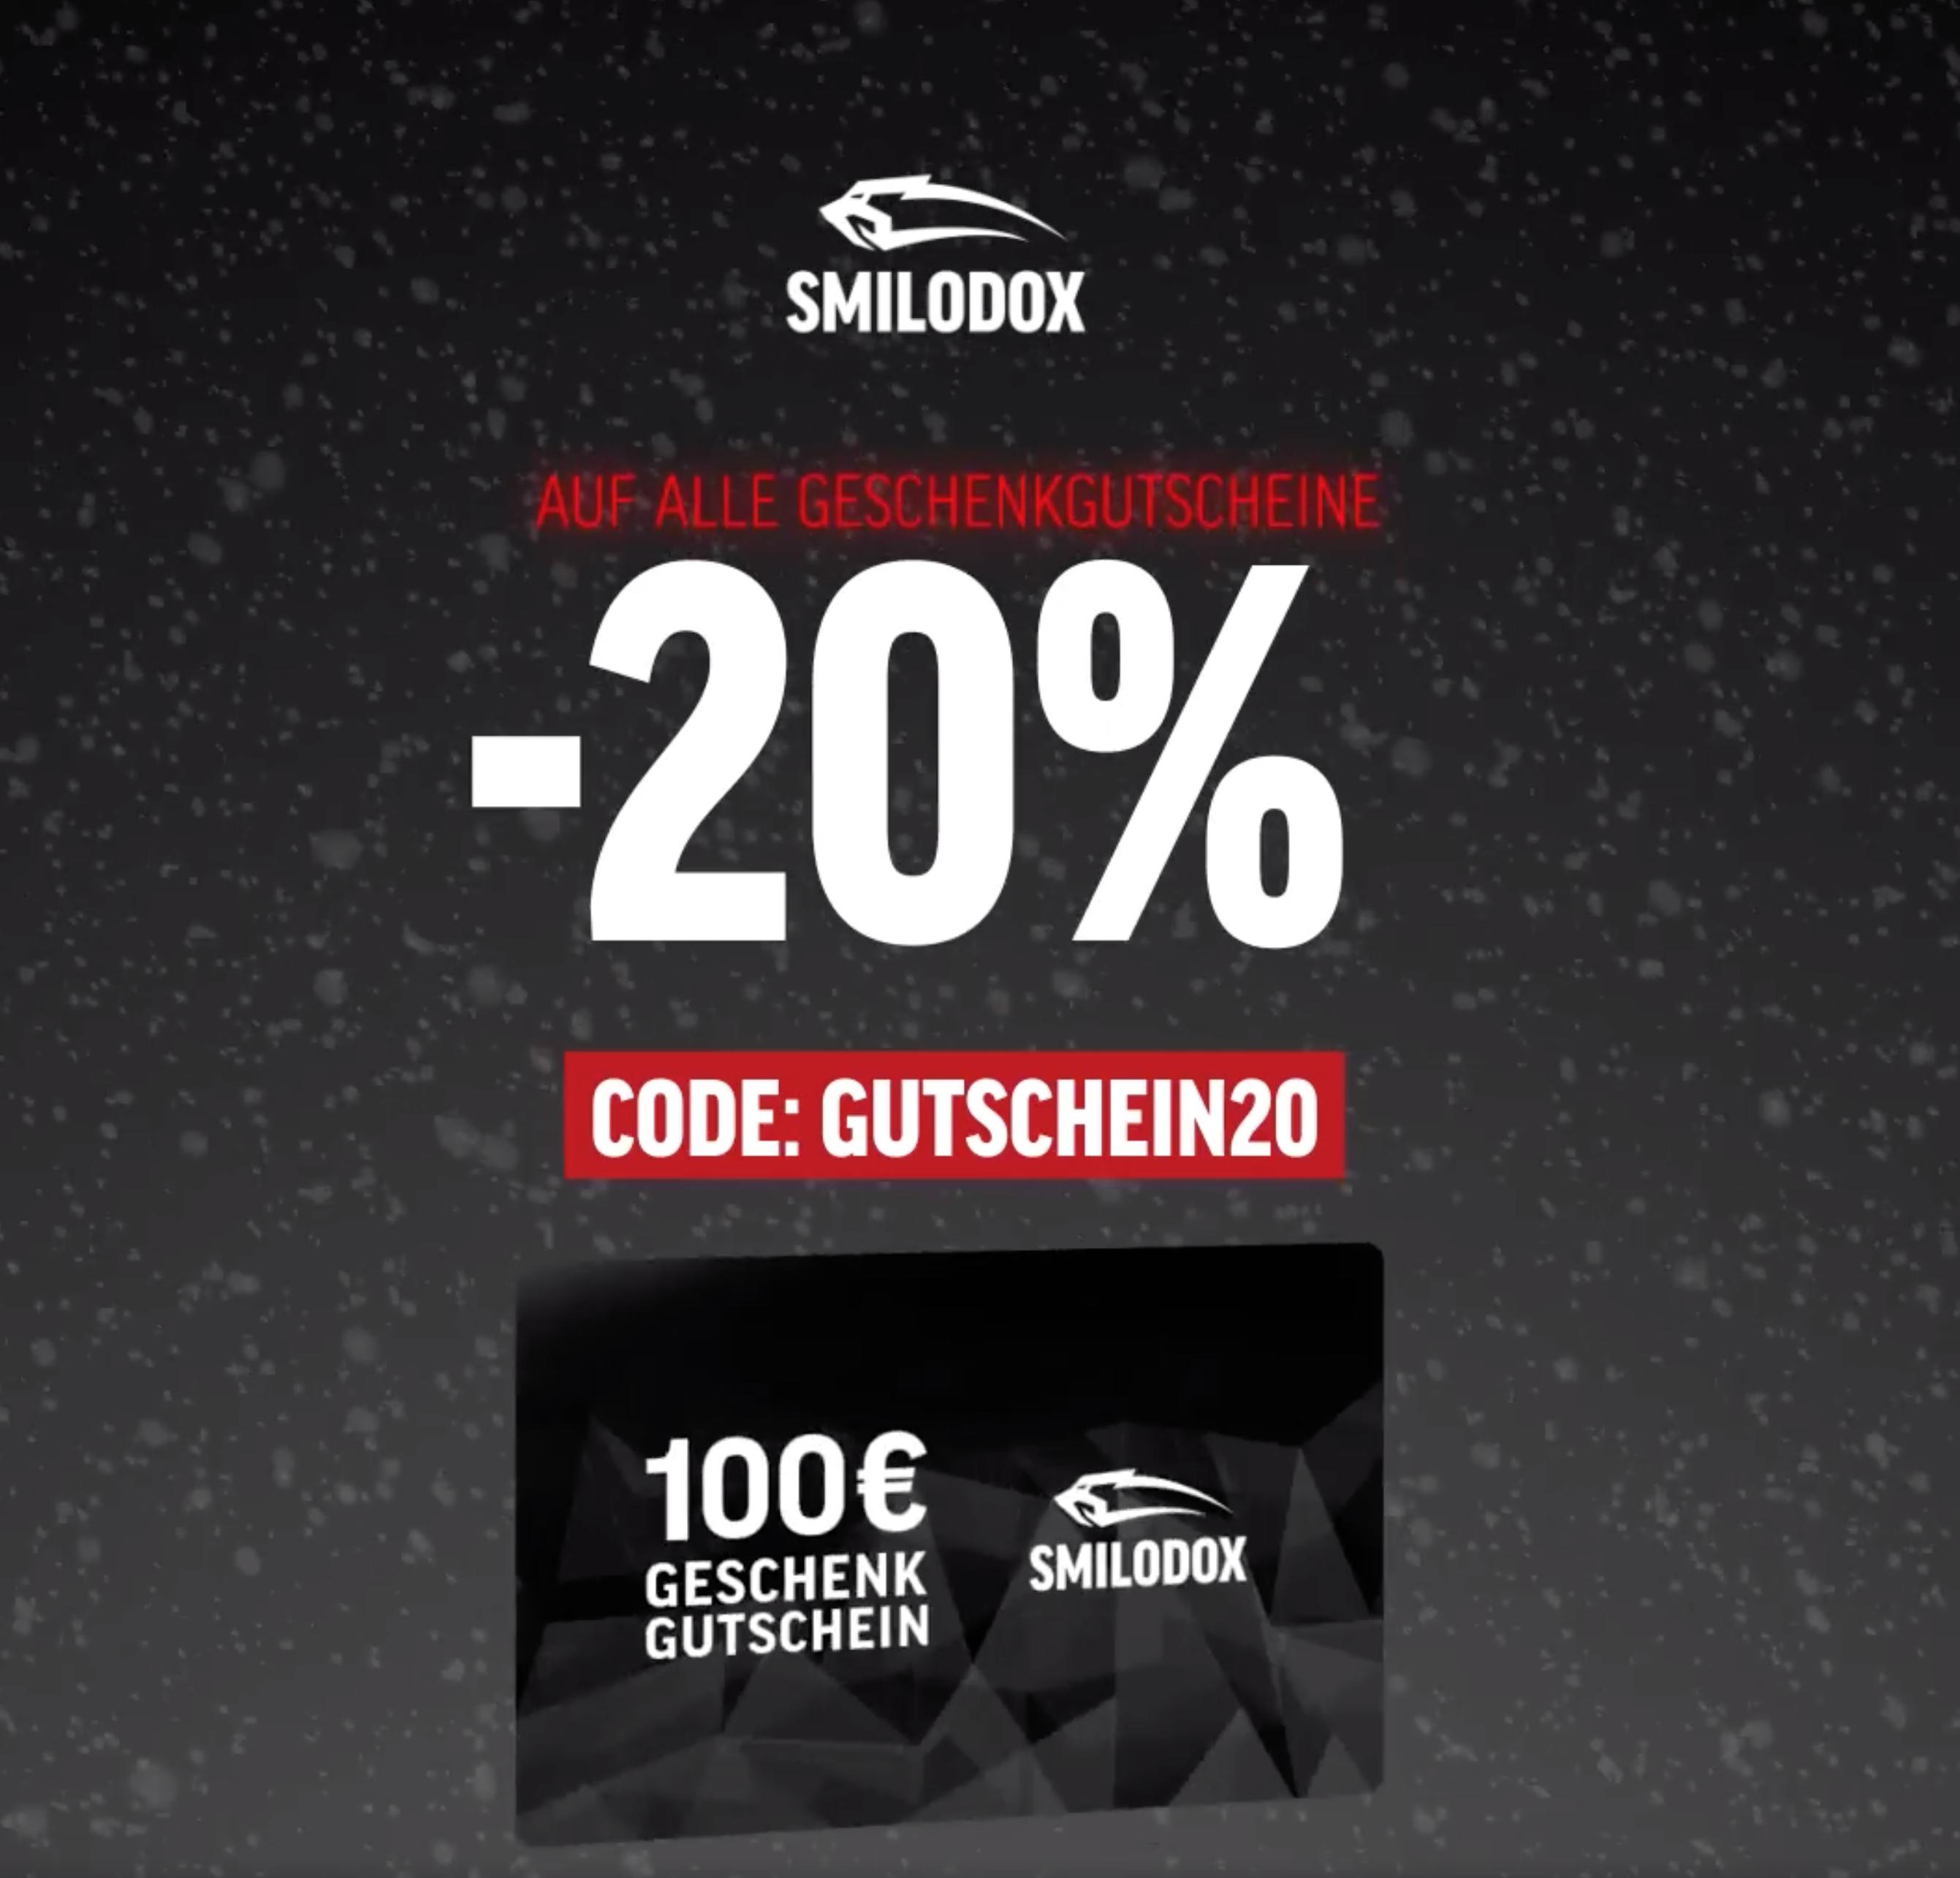 20% Rabatt auf Gutscheine bei Smilodox